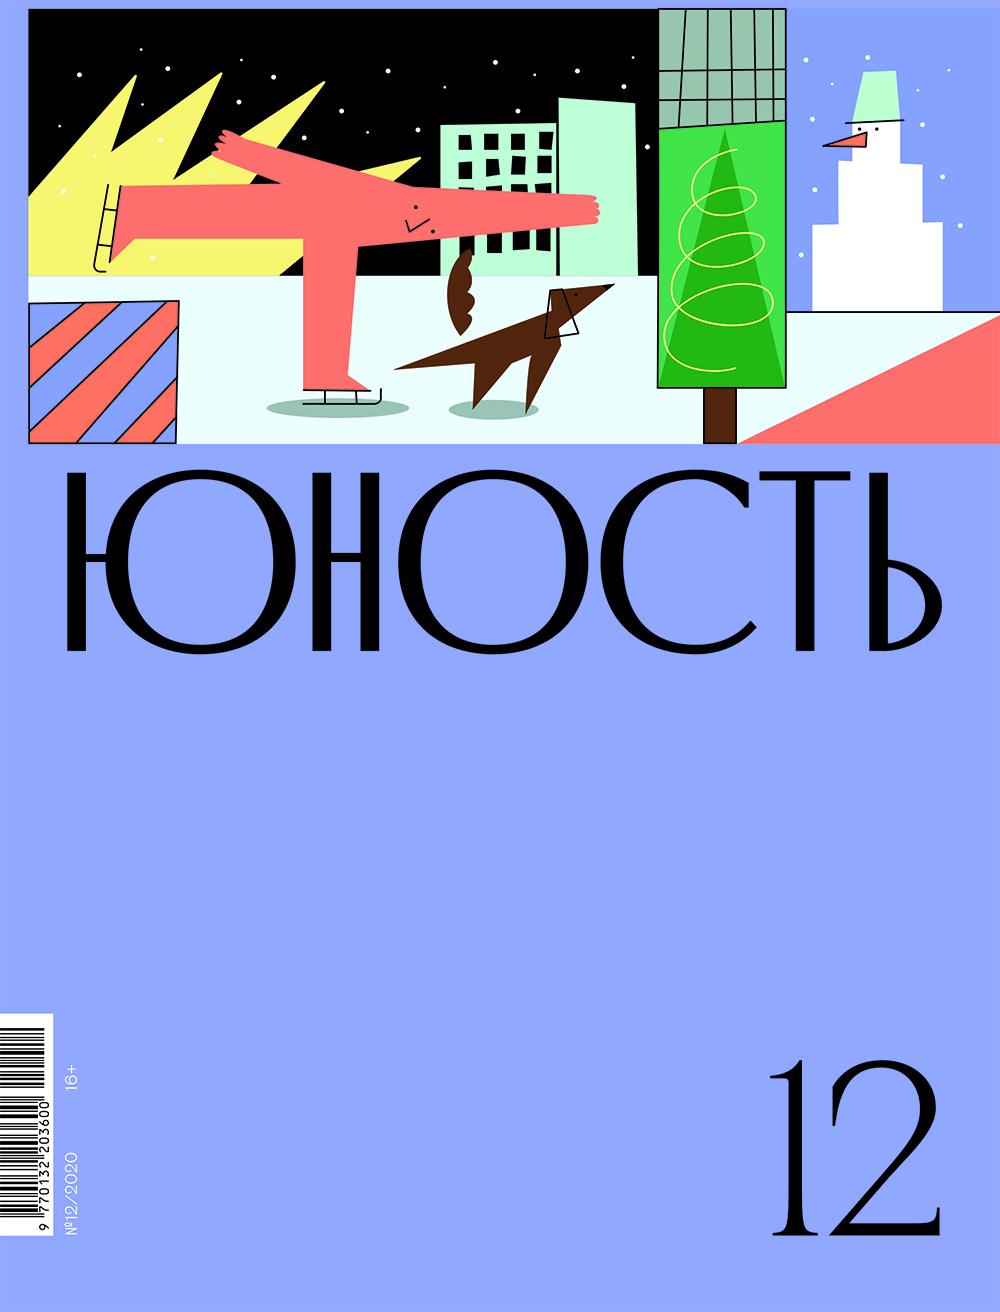 Содержание декабрьского номера журнала «Юность»